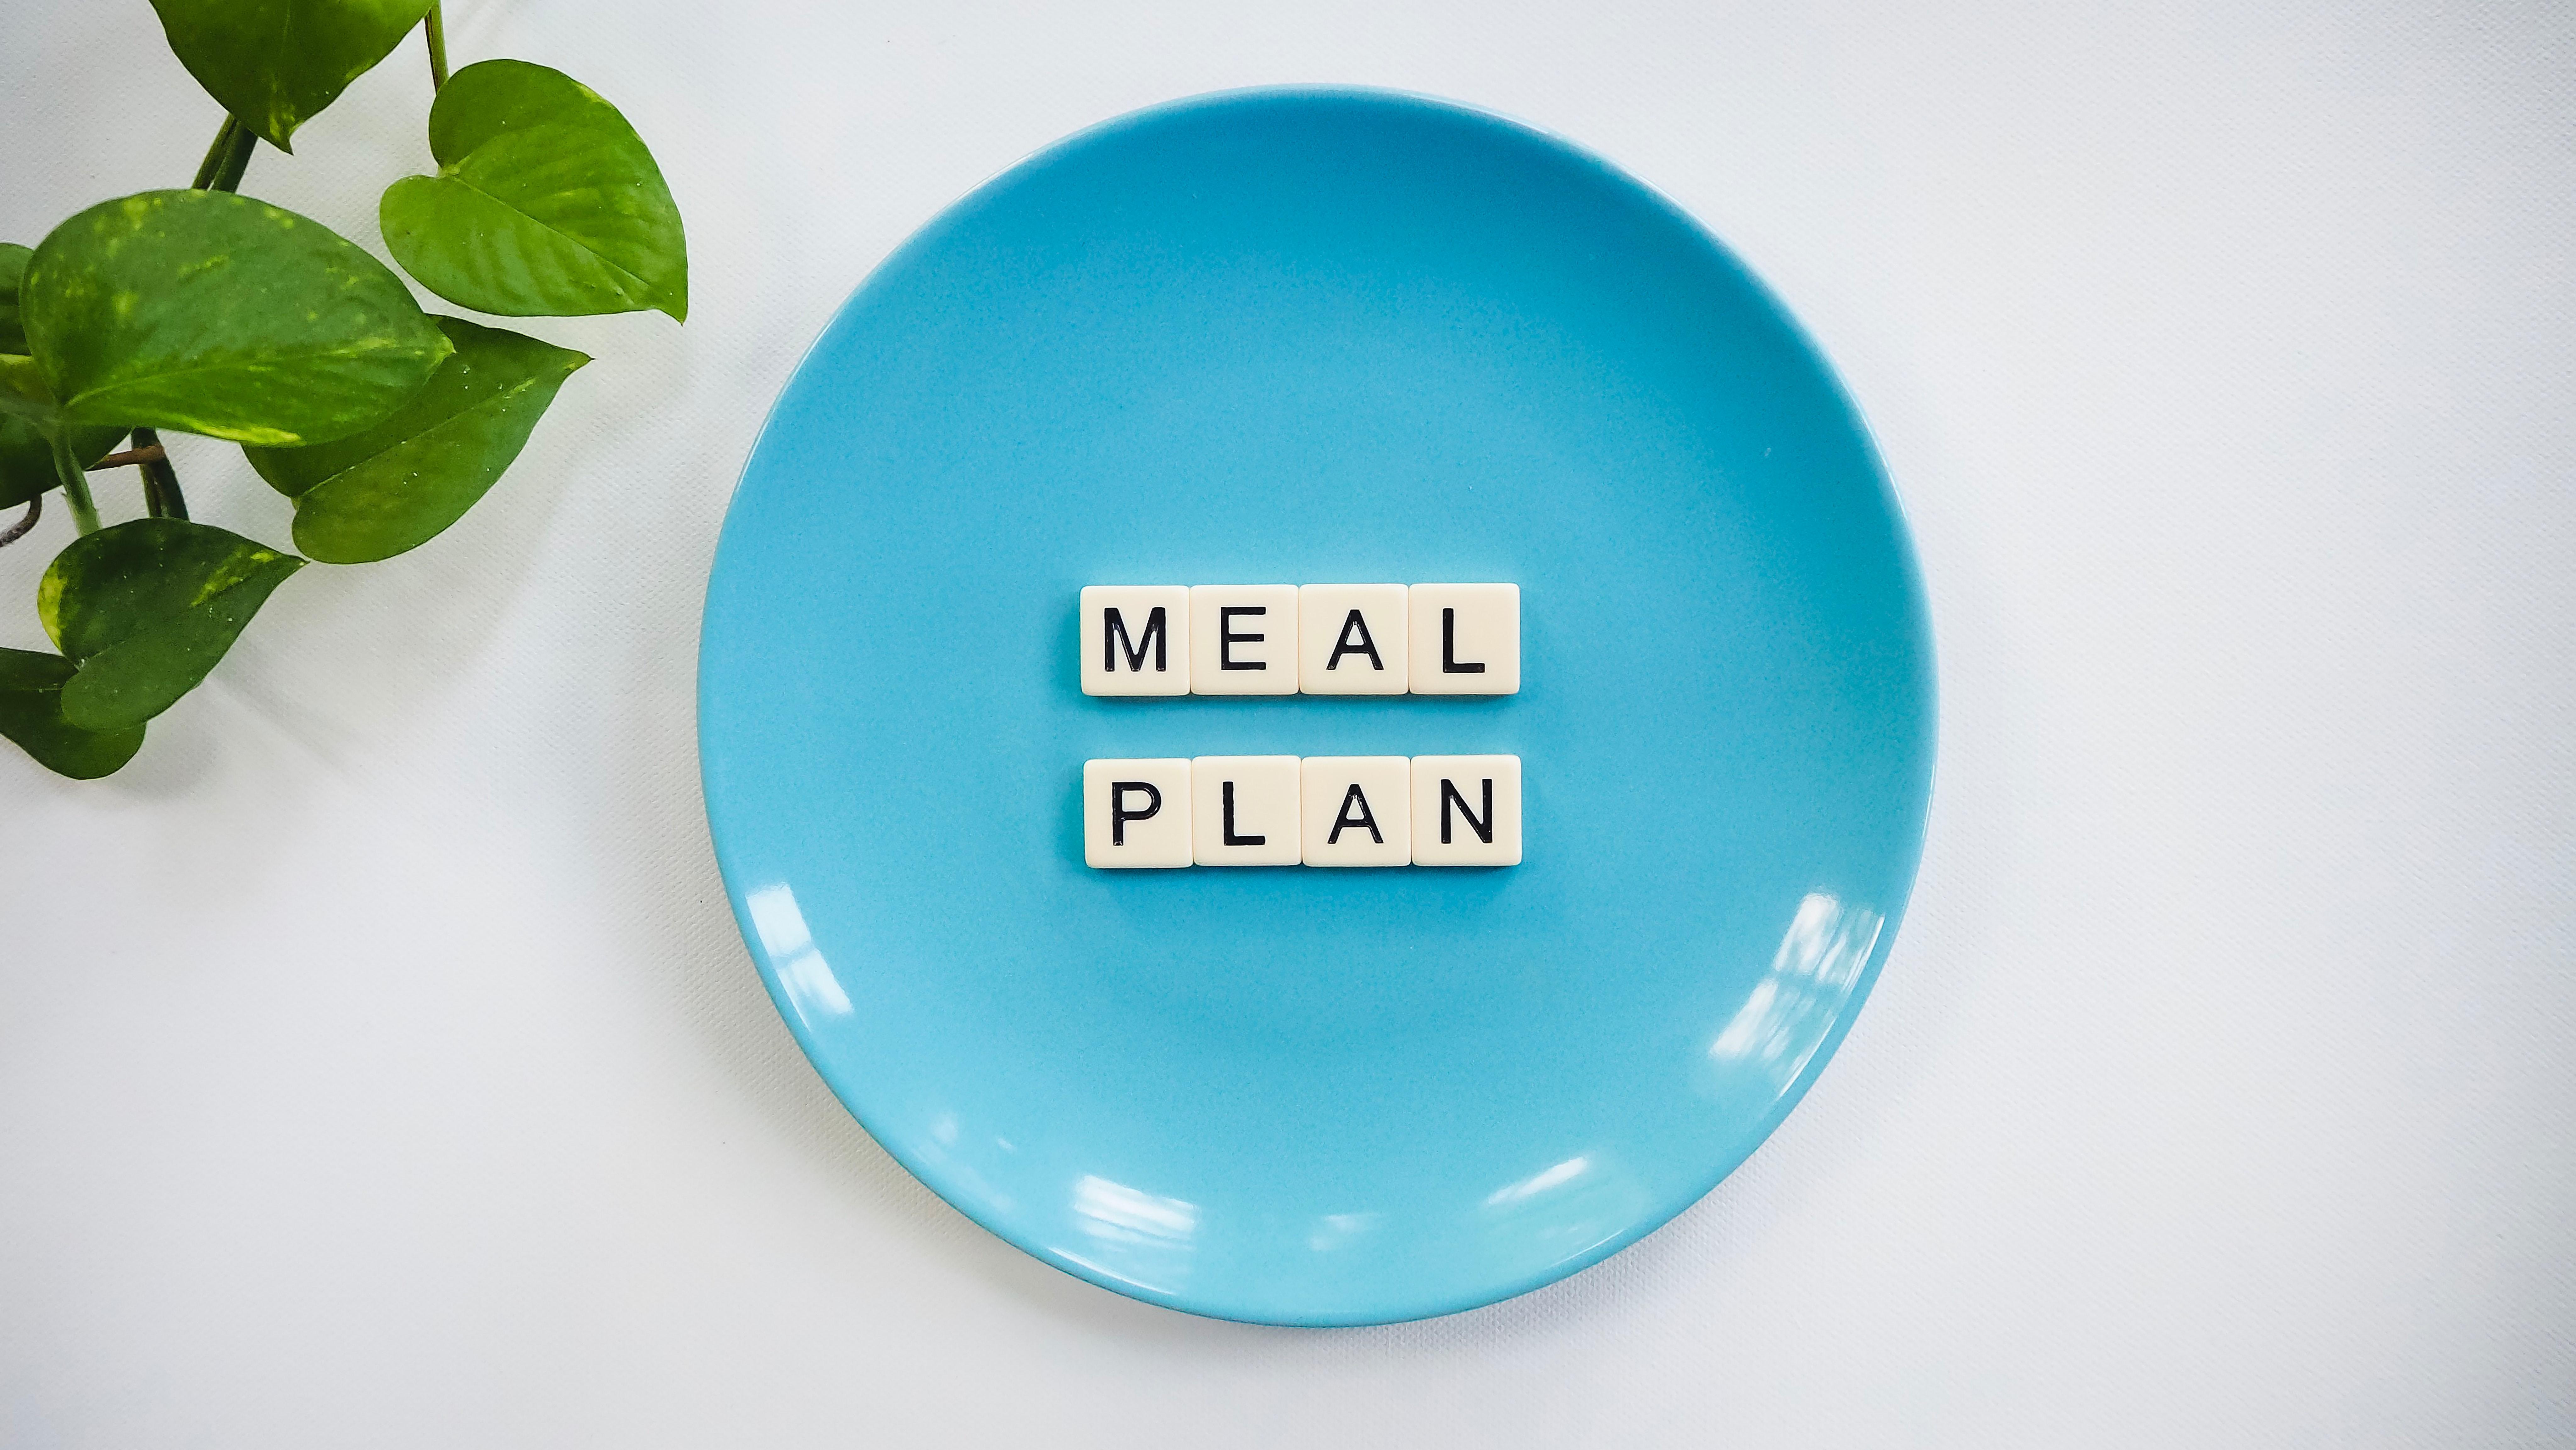 Meal Plan 9/12/20 - 22/12/20